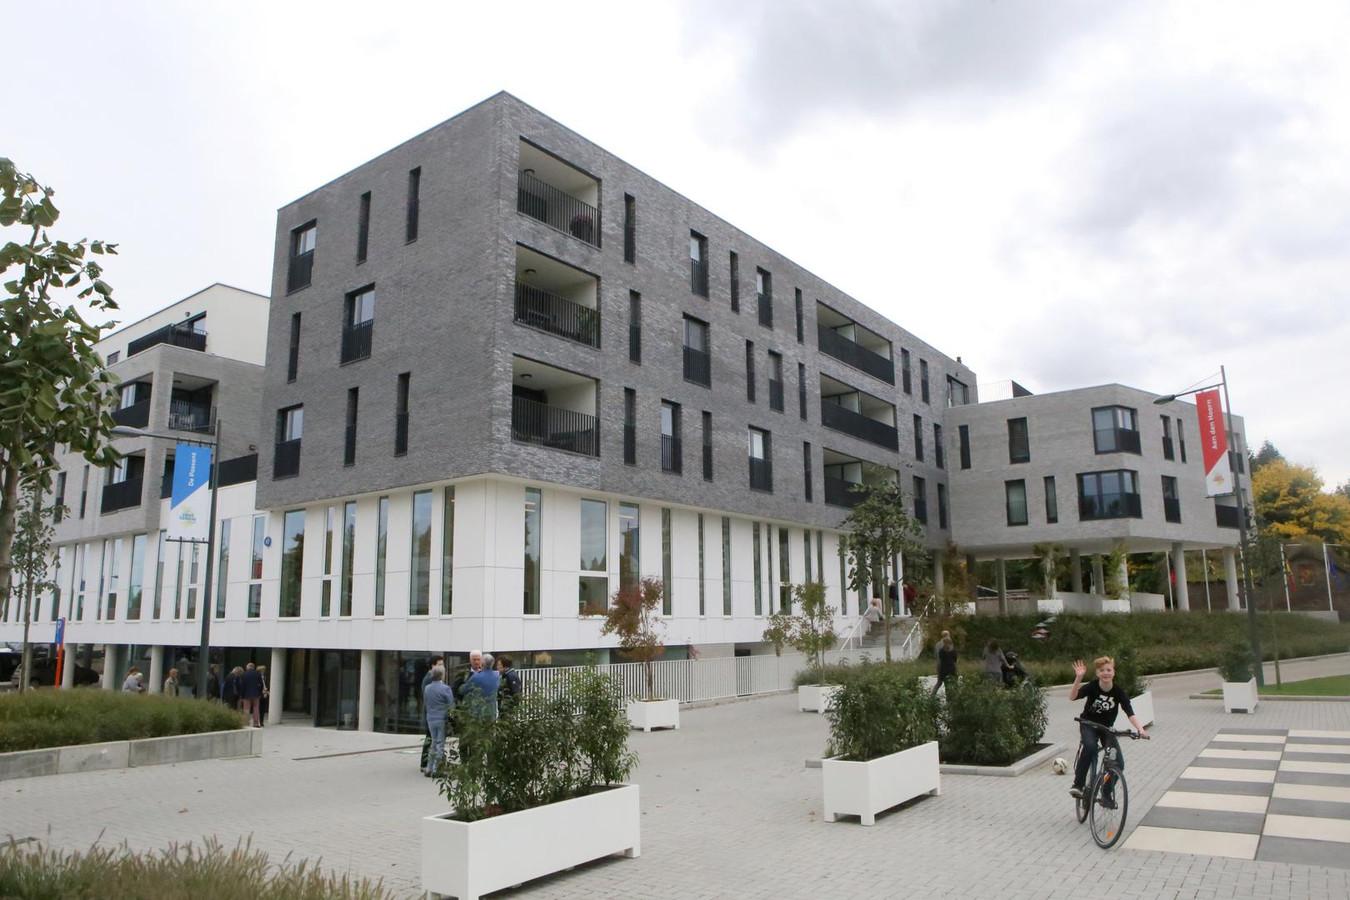 De zittingen van het vredegerecht zullen plaatsvinden in Aen den Hoorn.